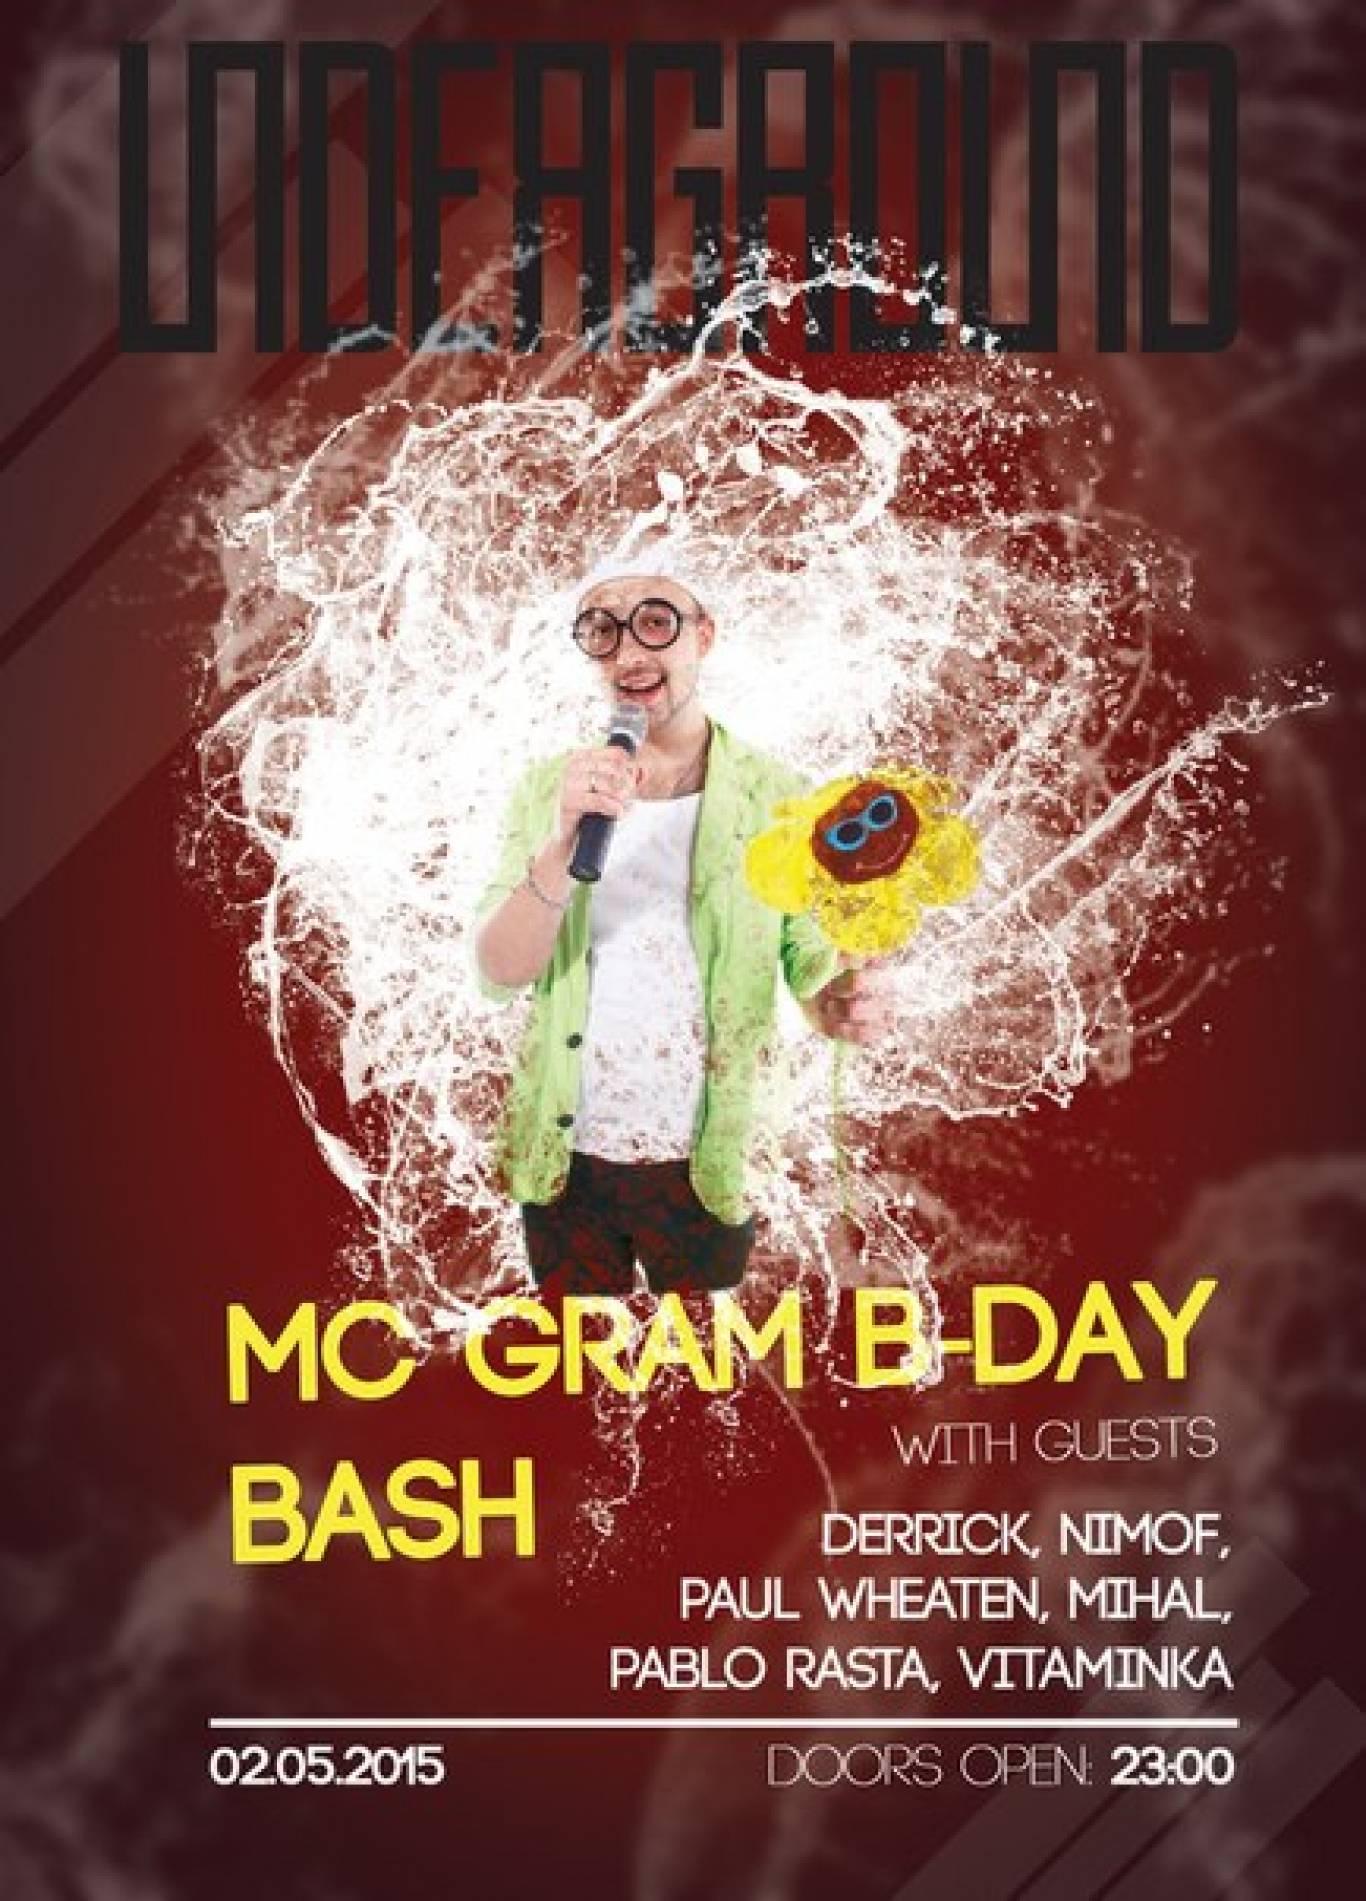 MC Gram B-Day Bash